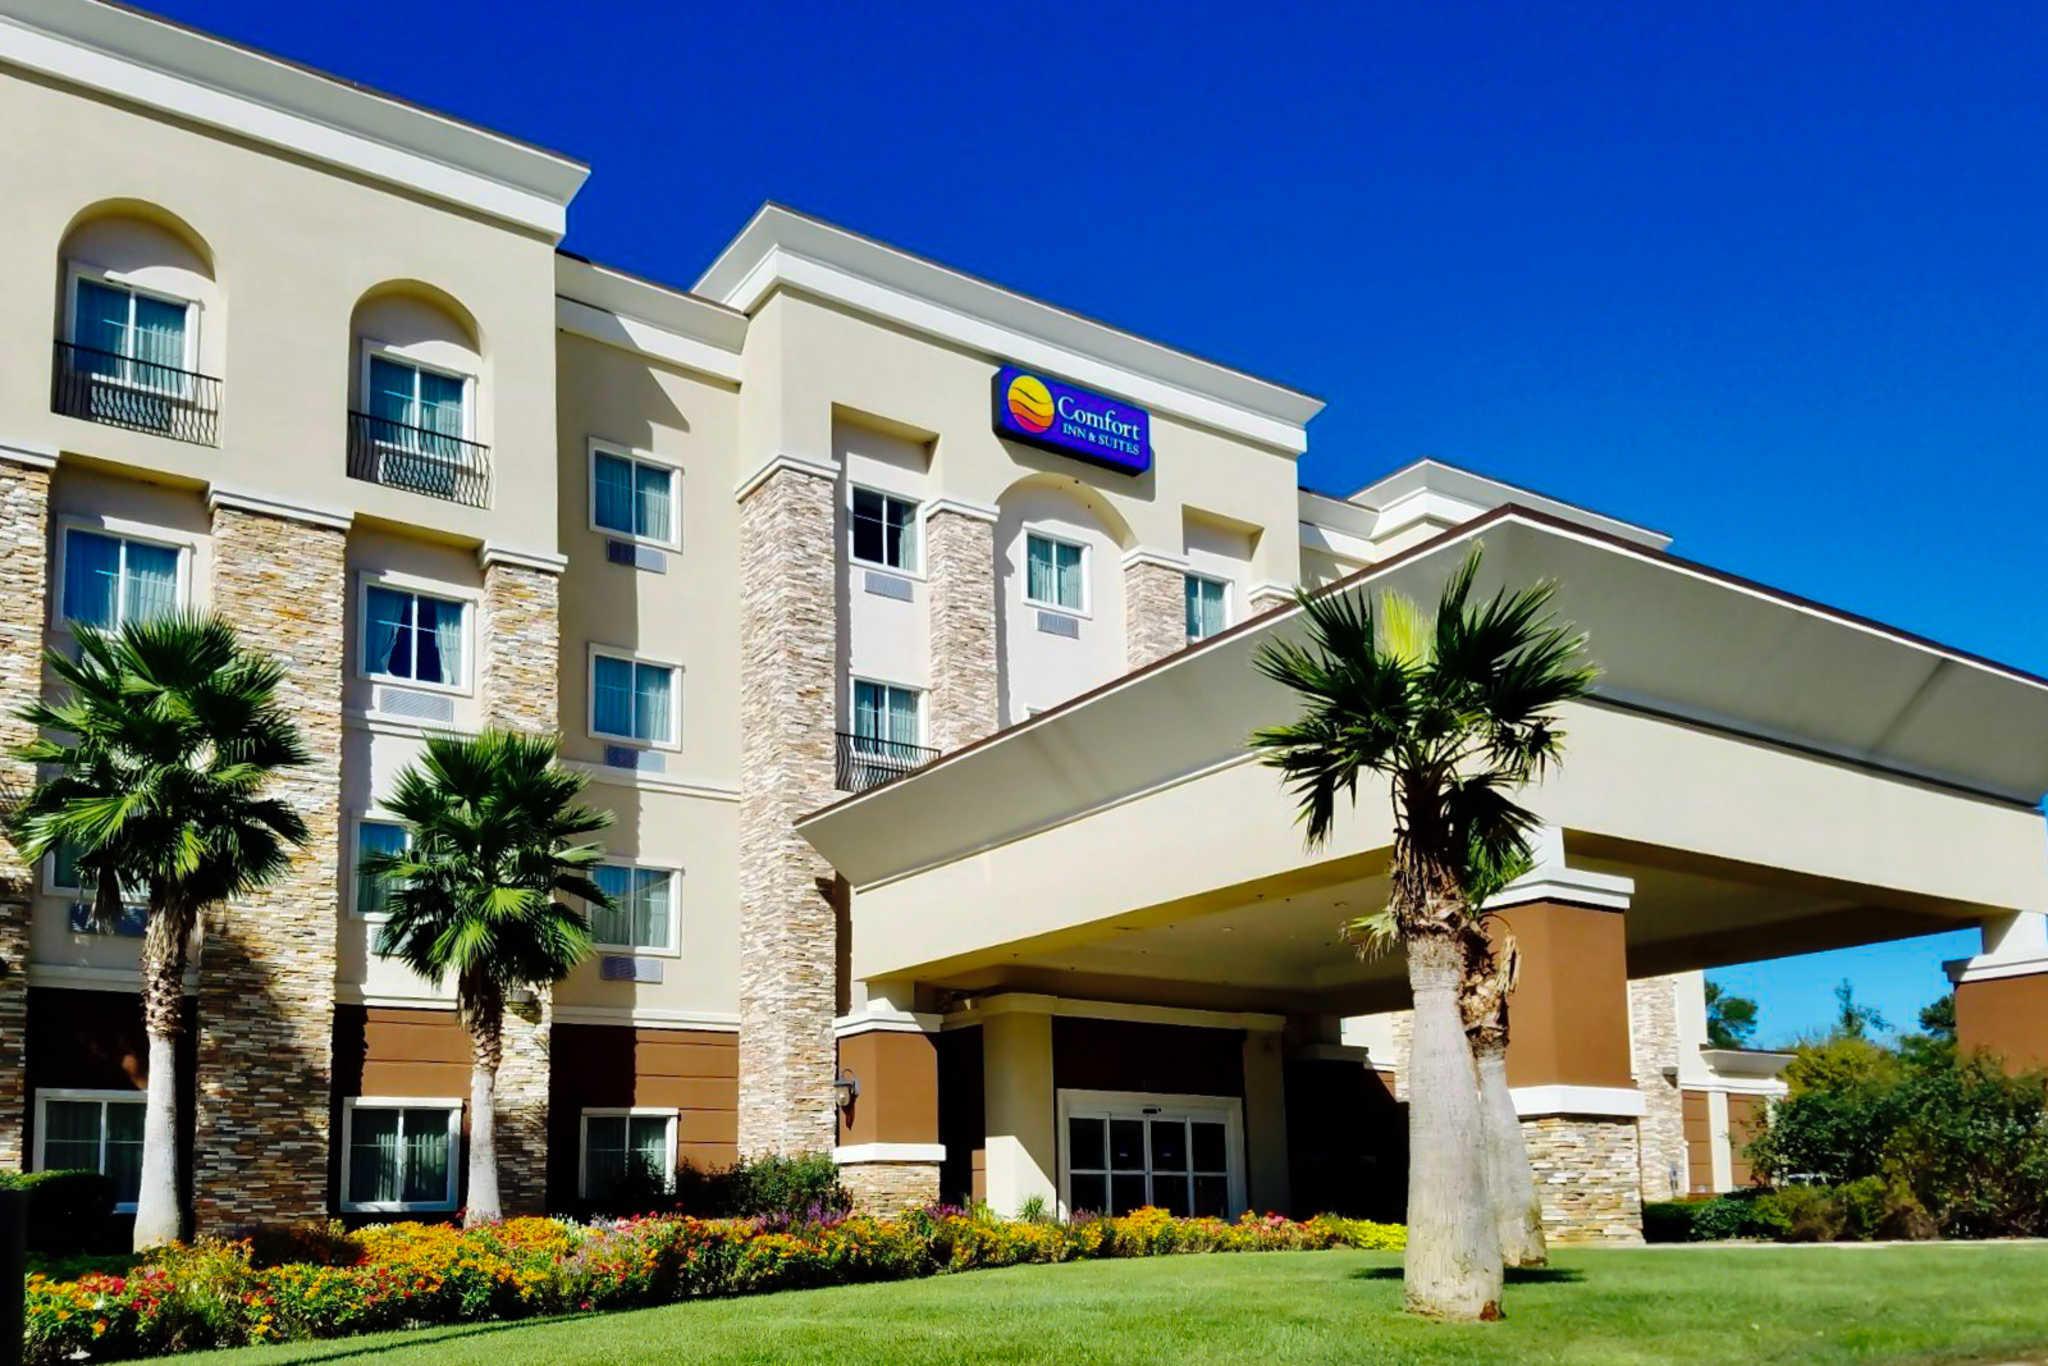 Hotels Near Longview Tx